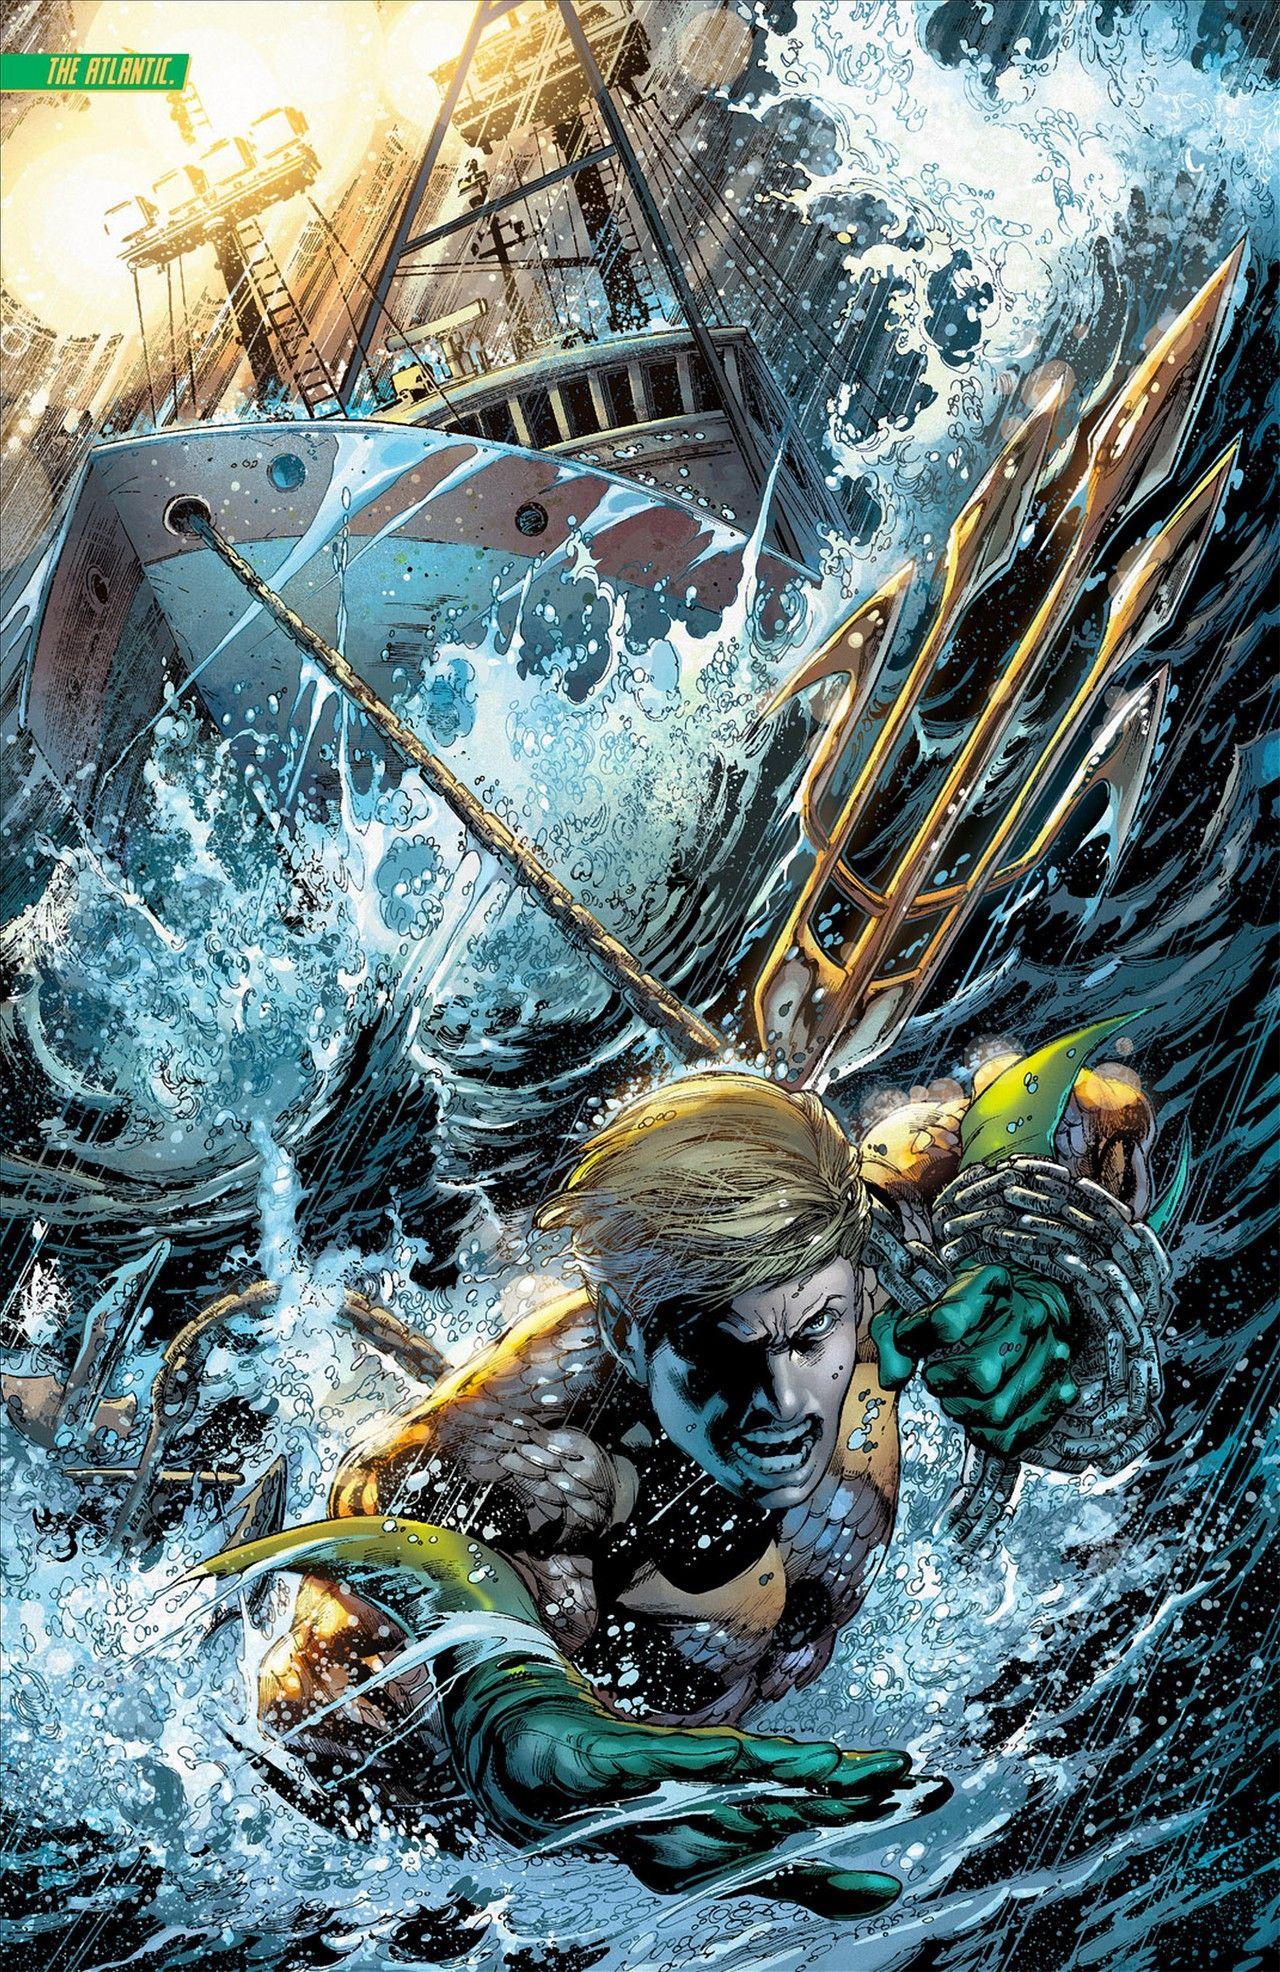 Amazing Aquaman artwork